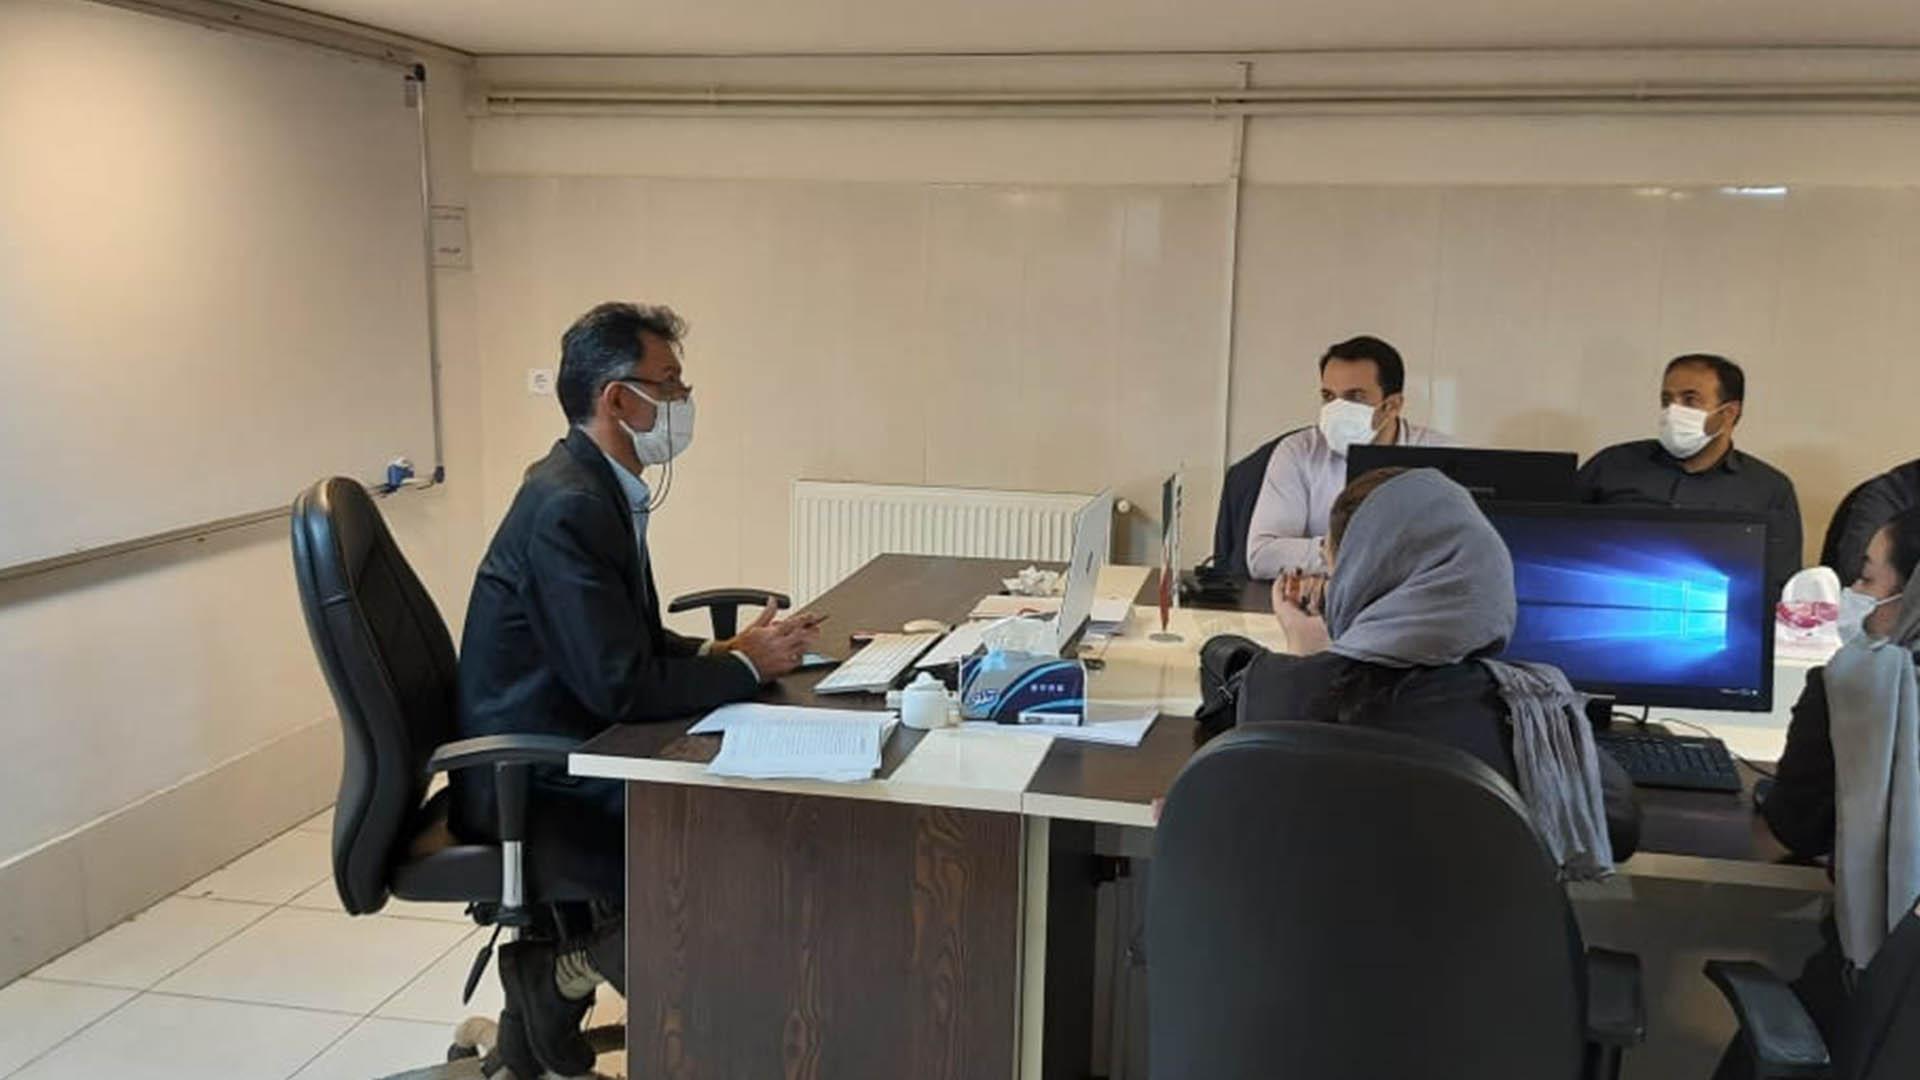 دوره آموزشی مباحث مالیاتی با حضور استاد پزشکی